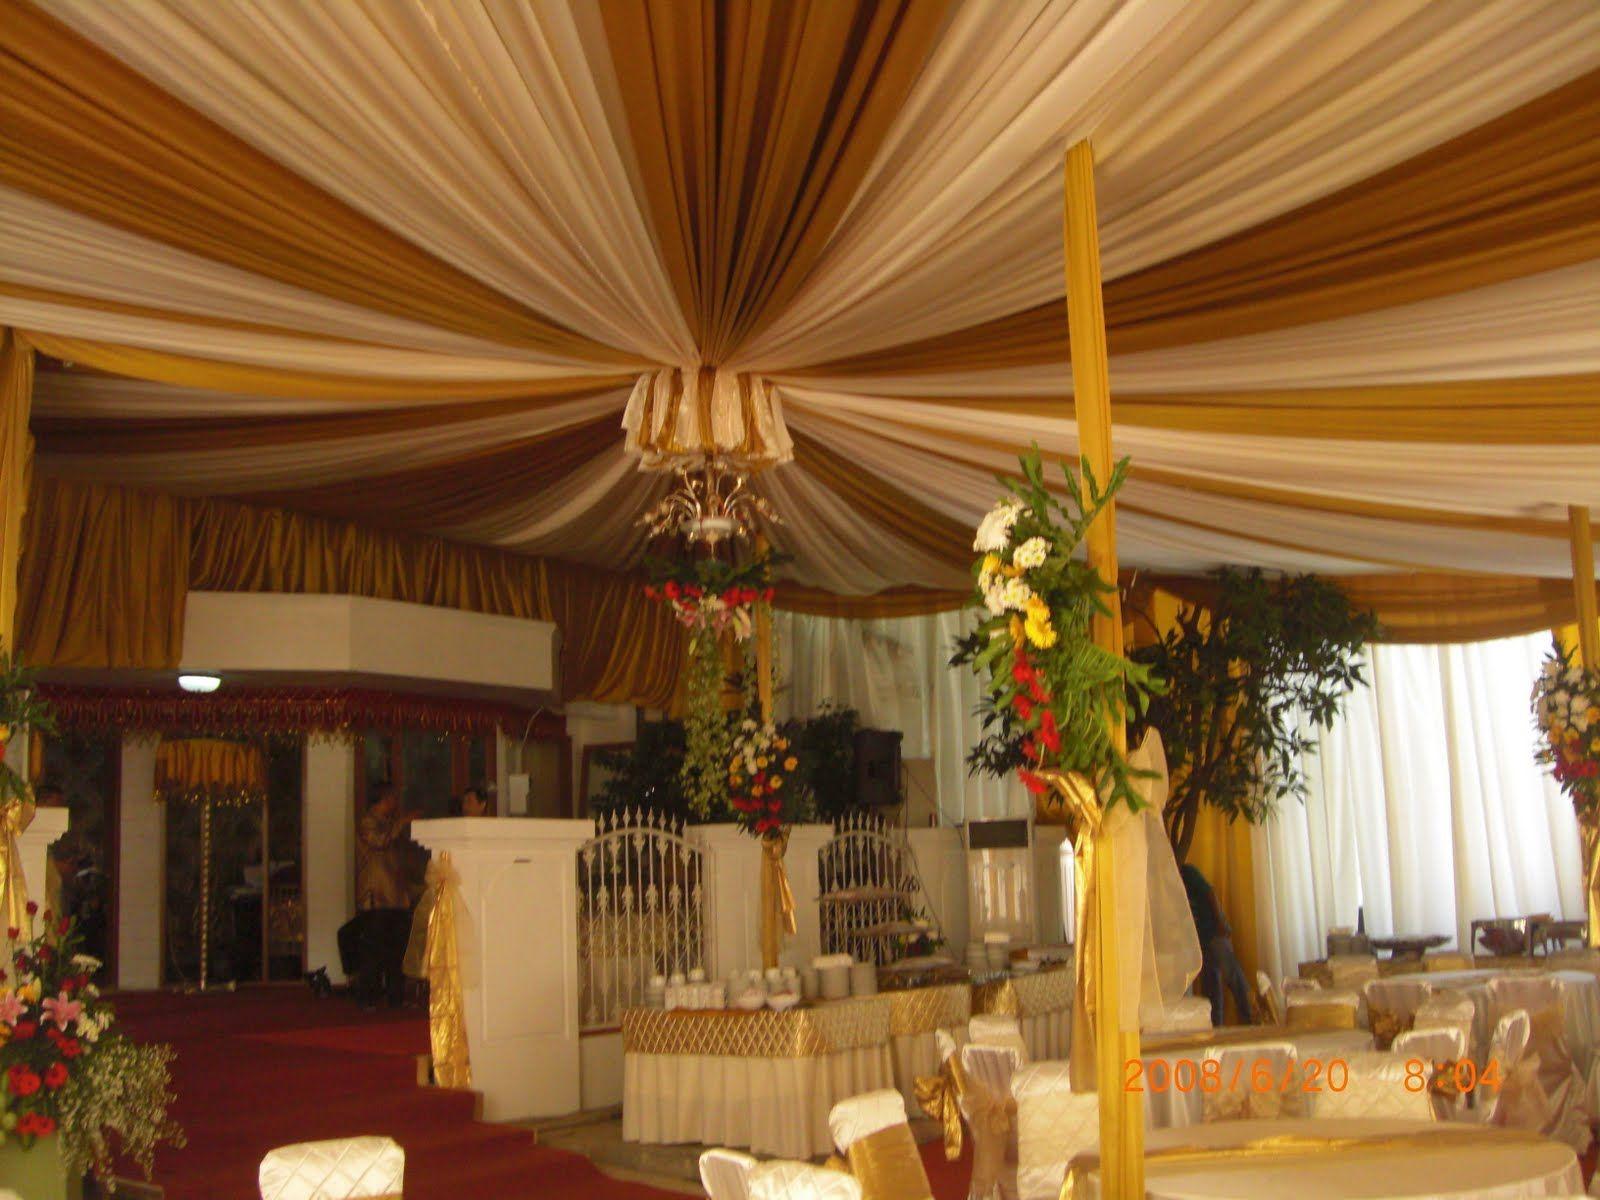 Inspirasi konsep pernikahan di rumah favorit pelaminan pinterest inspirasi konsep pernikahan di rumah favorit junglespirit Choice Image